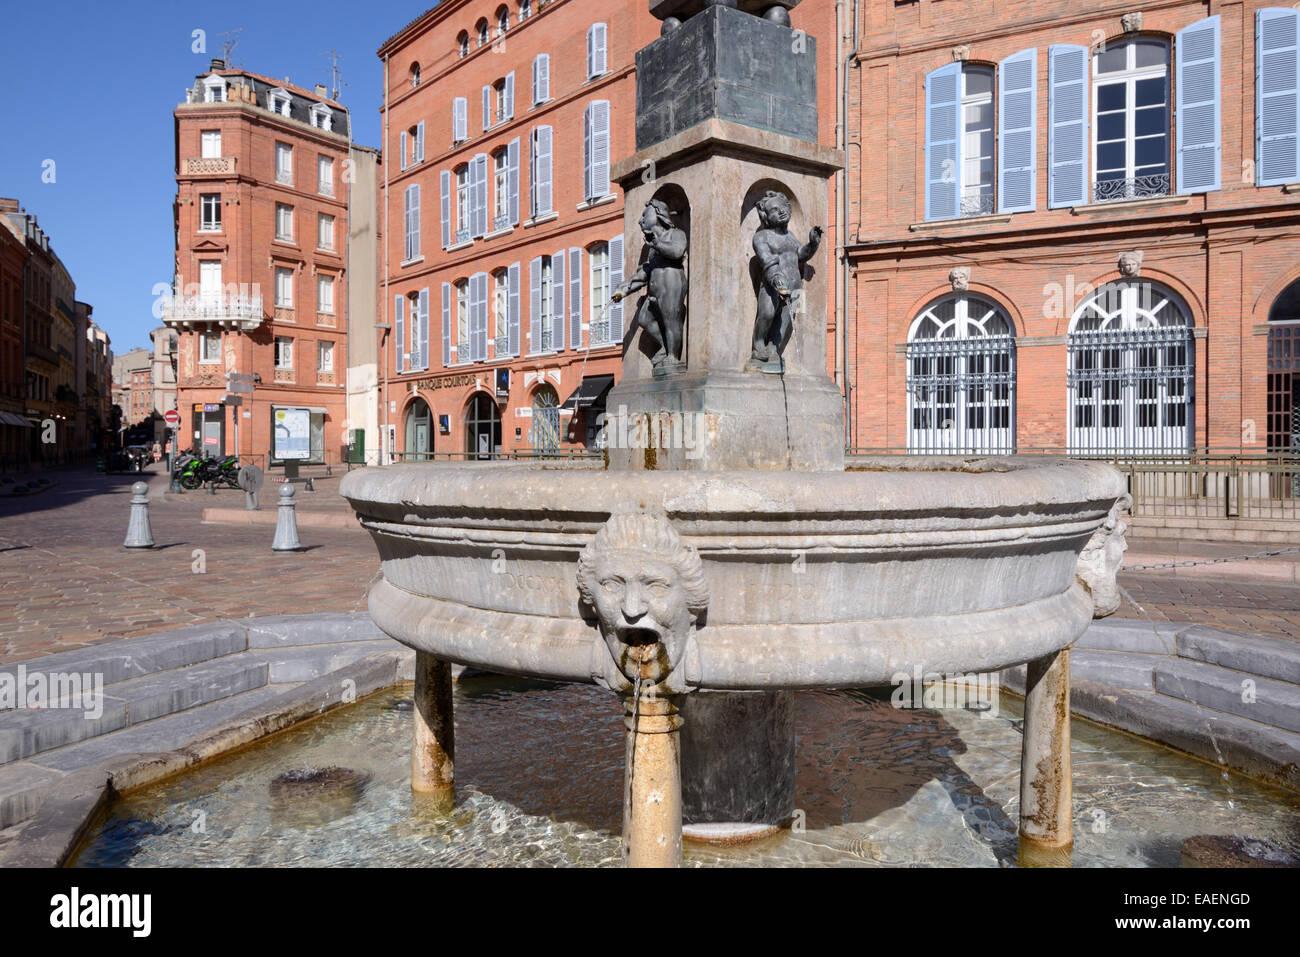 Straße Brunnen im Ort Etienne oder Town Square & Red Brick Architektur Toulouse Frankreich Stockbild